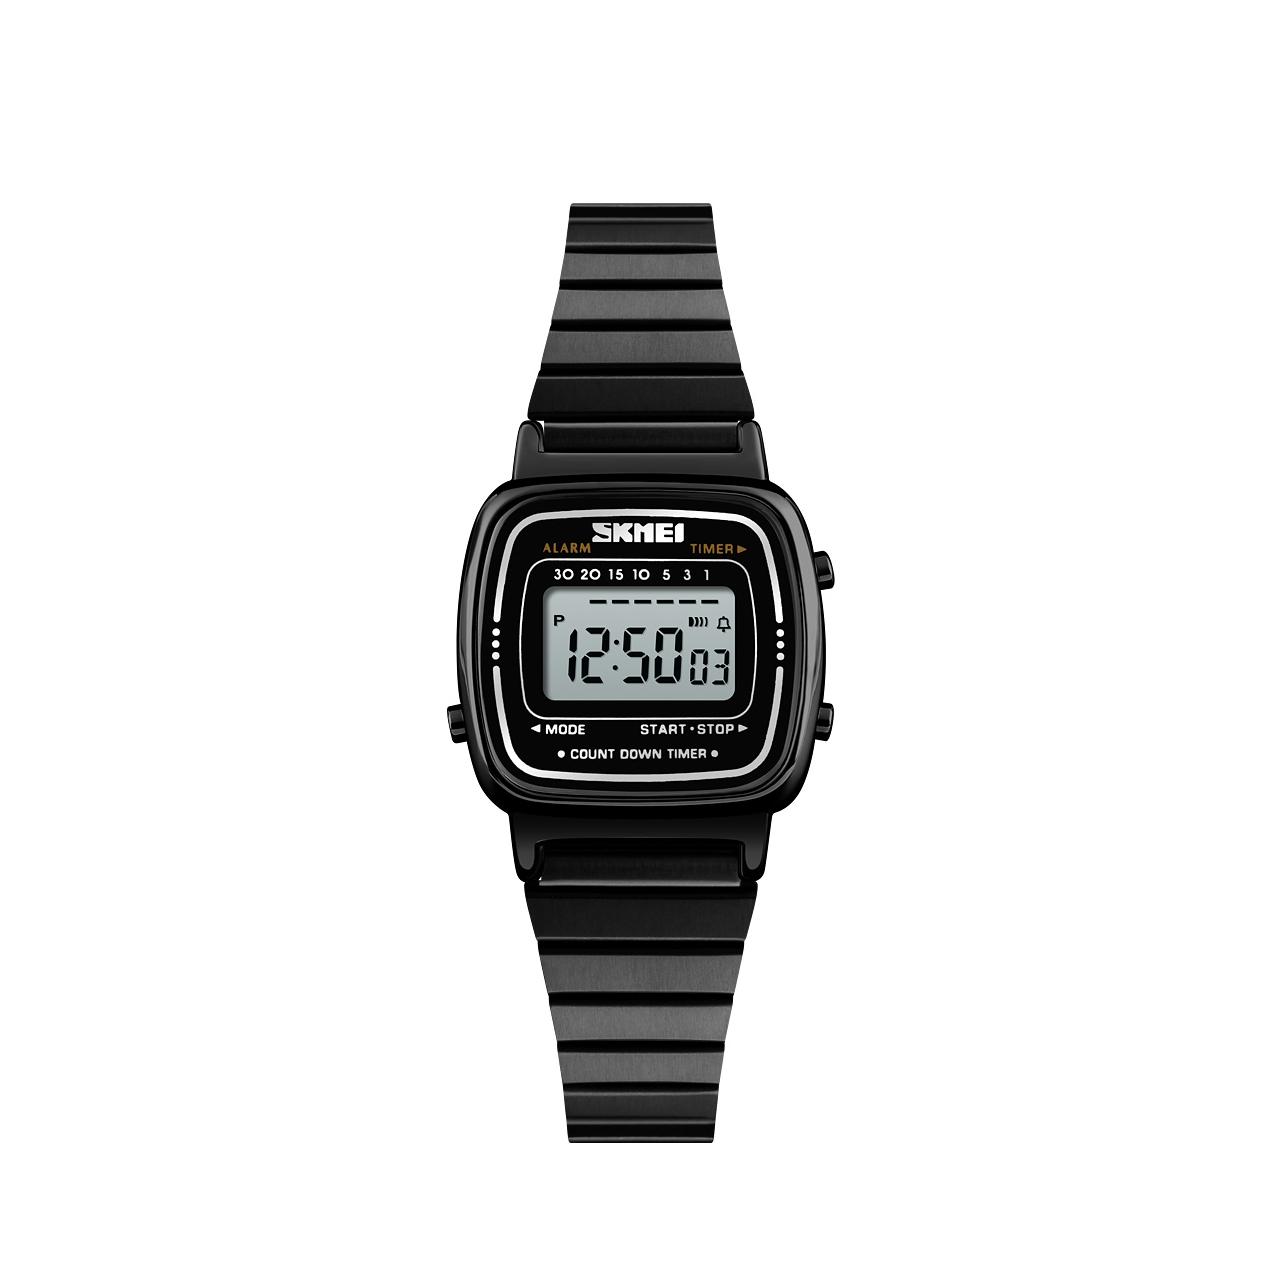 ساعت مچی دیجیتال زنانه اسکمی مدل 1252 کد03